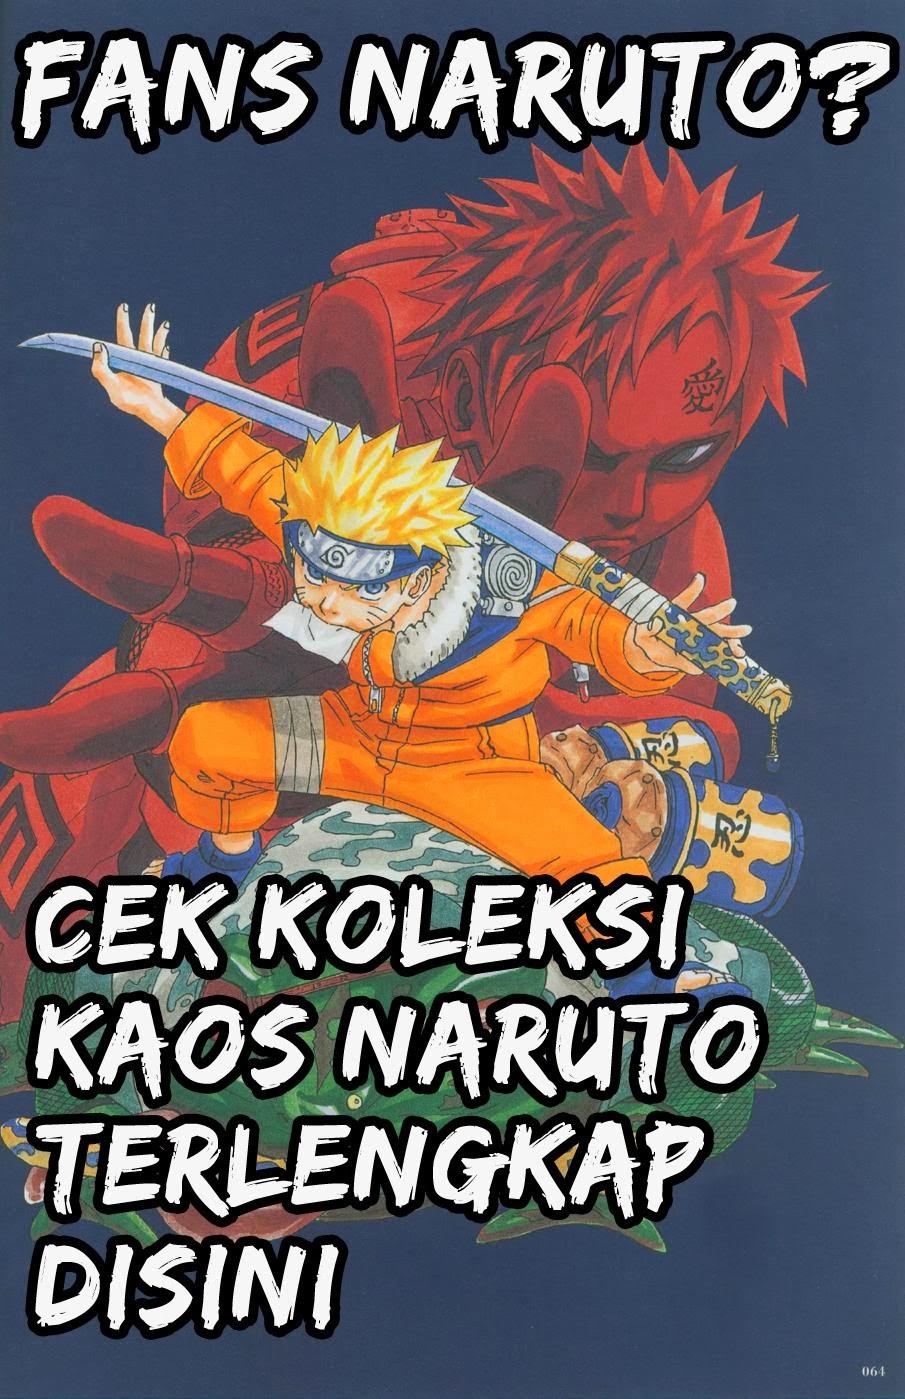 Kaos Naruto